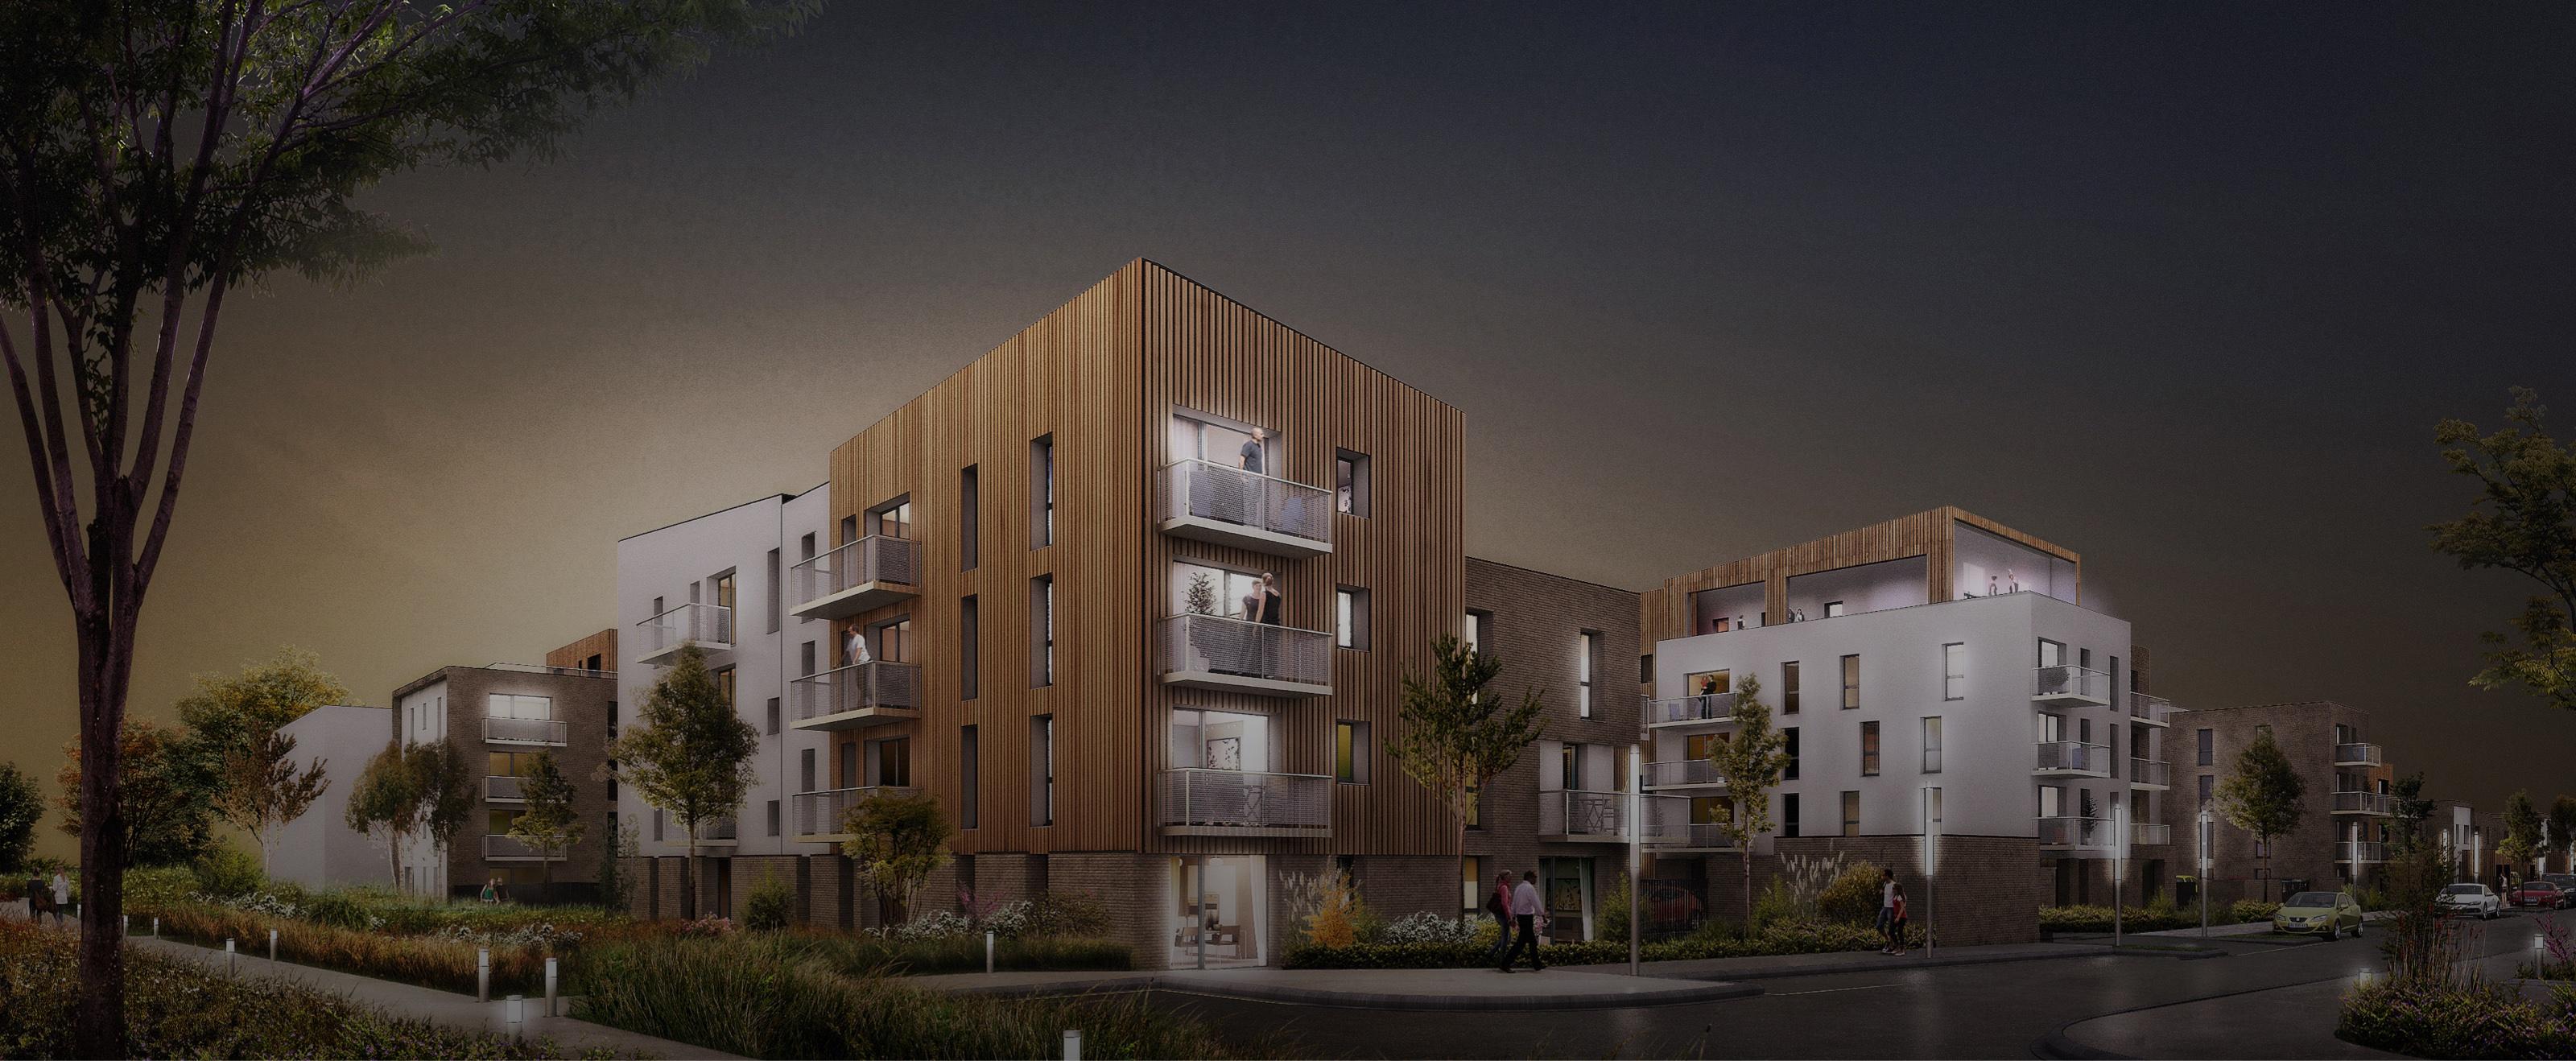 Achat appartement neuf neuf wasquehal 2x siglaneuf for Achat appartement neuf defiscalisation